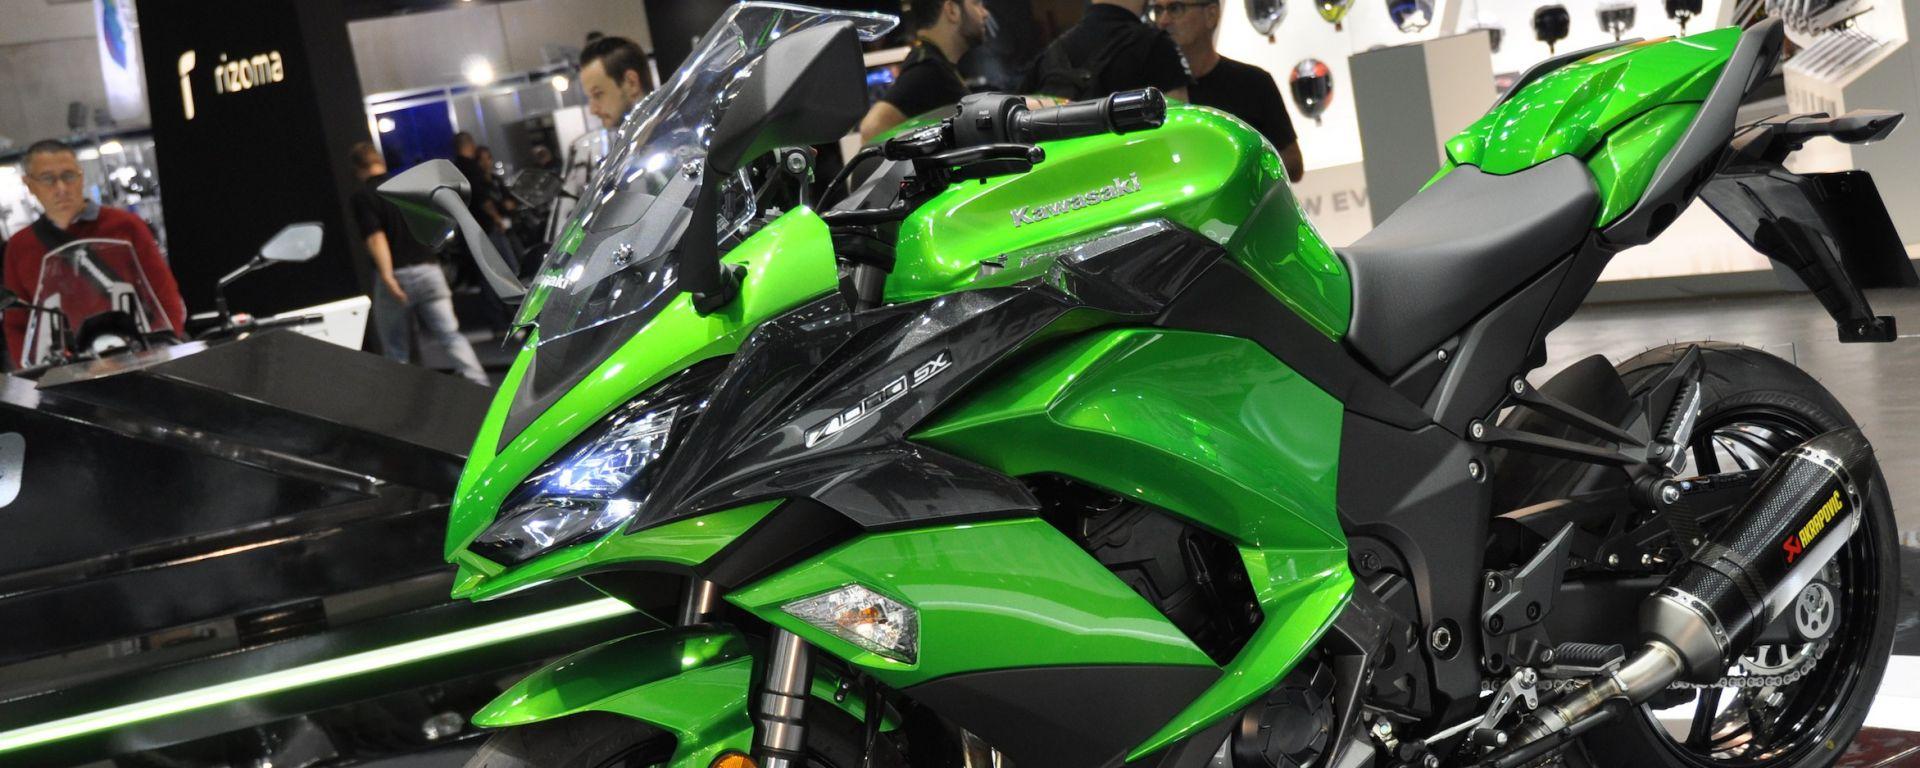 Kawasaki Z1000SX 2017, la sport tourer si aggiorna